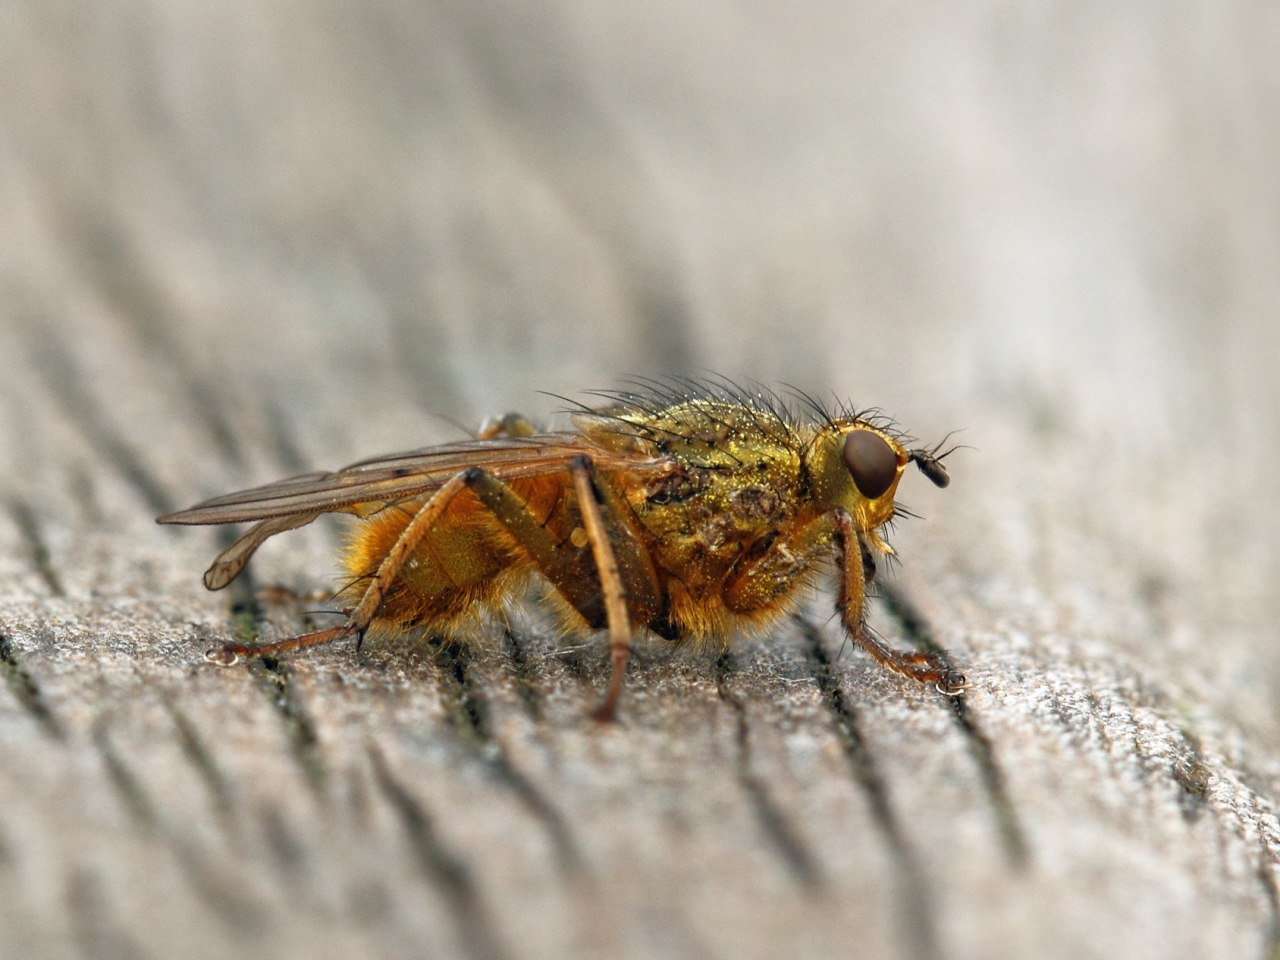 Una mosca en macro - 1280x960